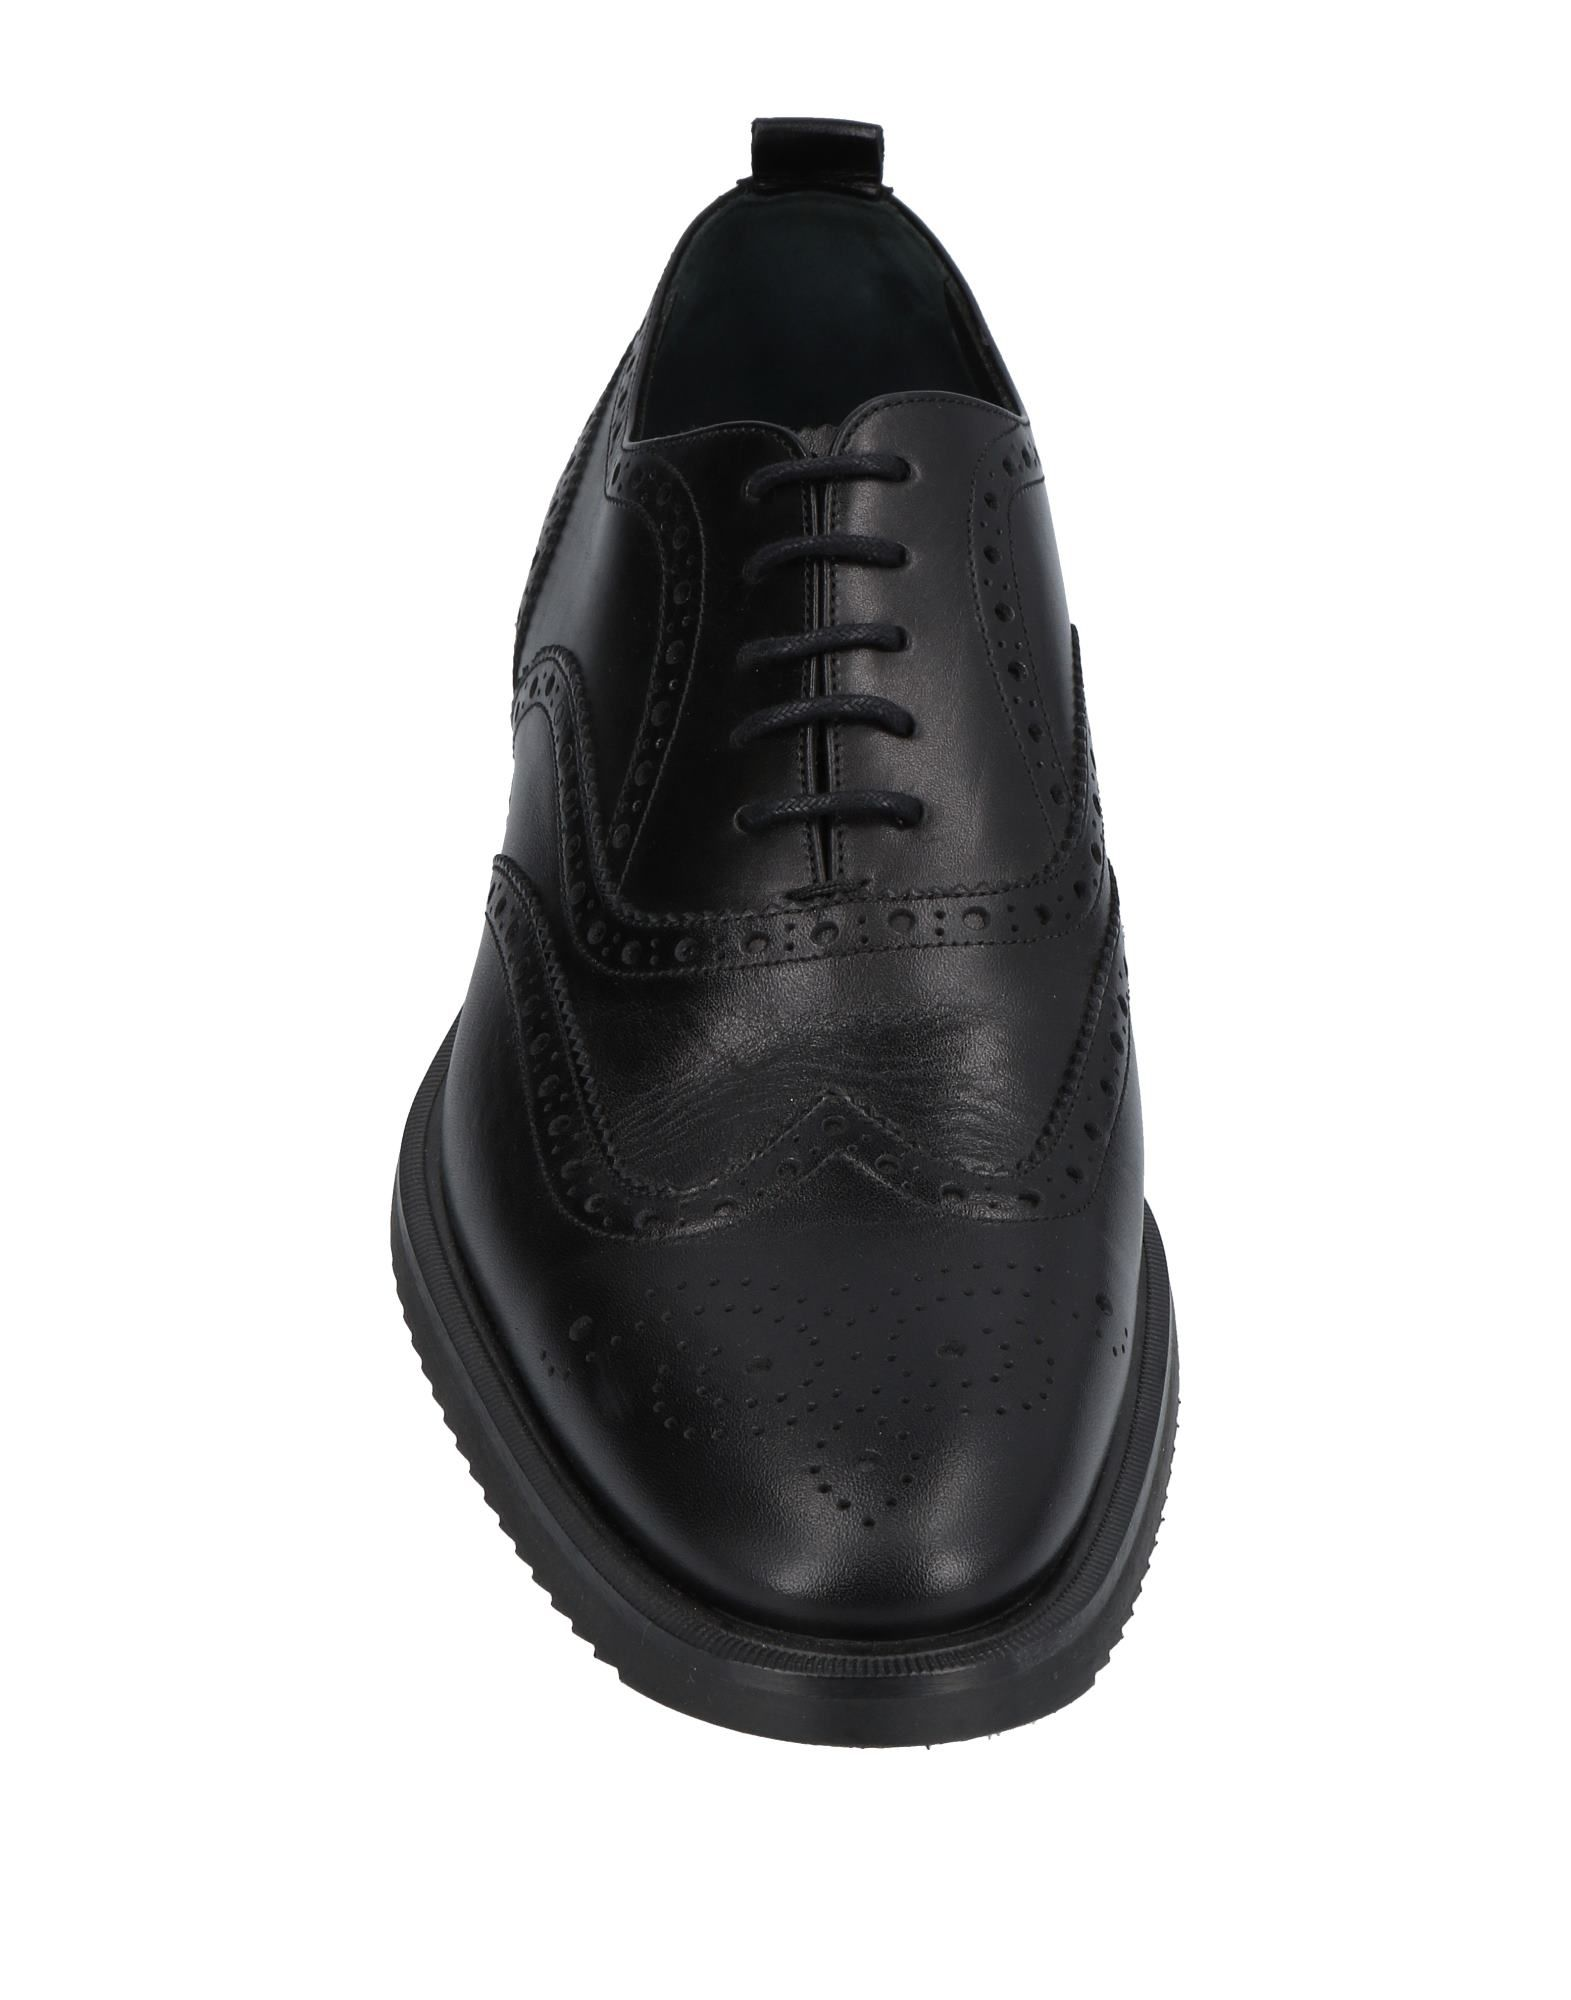 Chaussures À Lacets Burberry Homme - Chaussures À Lacets Burberry sur